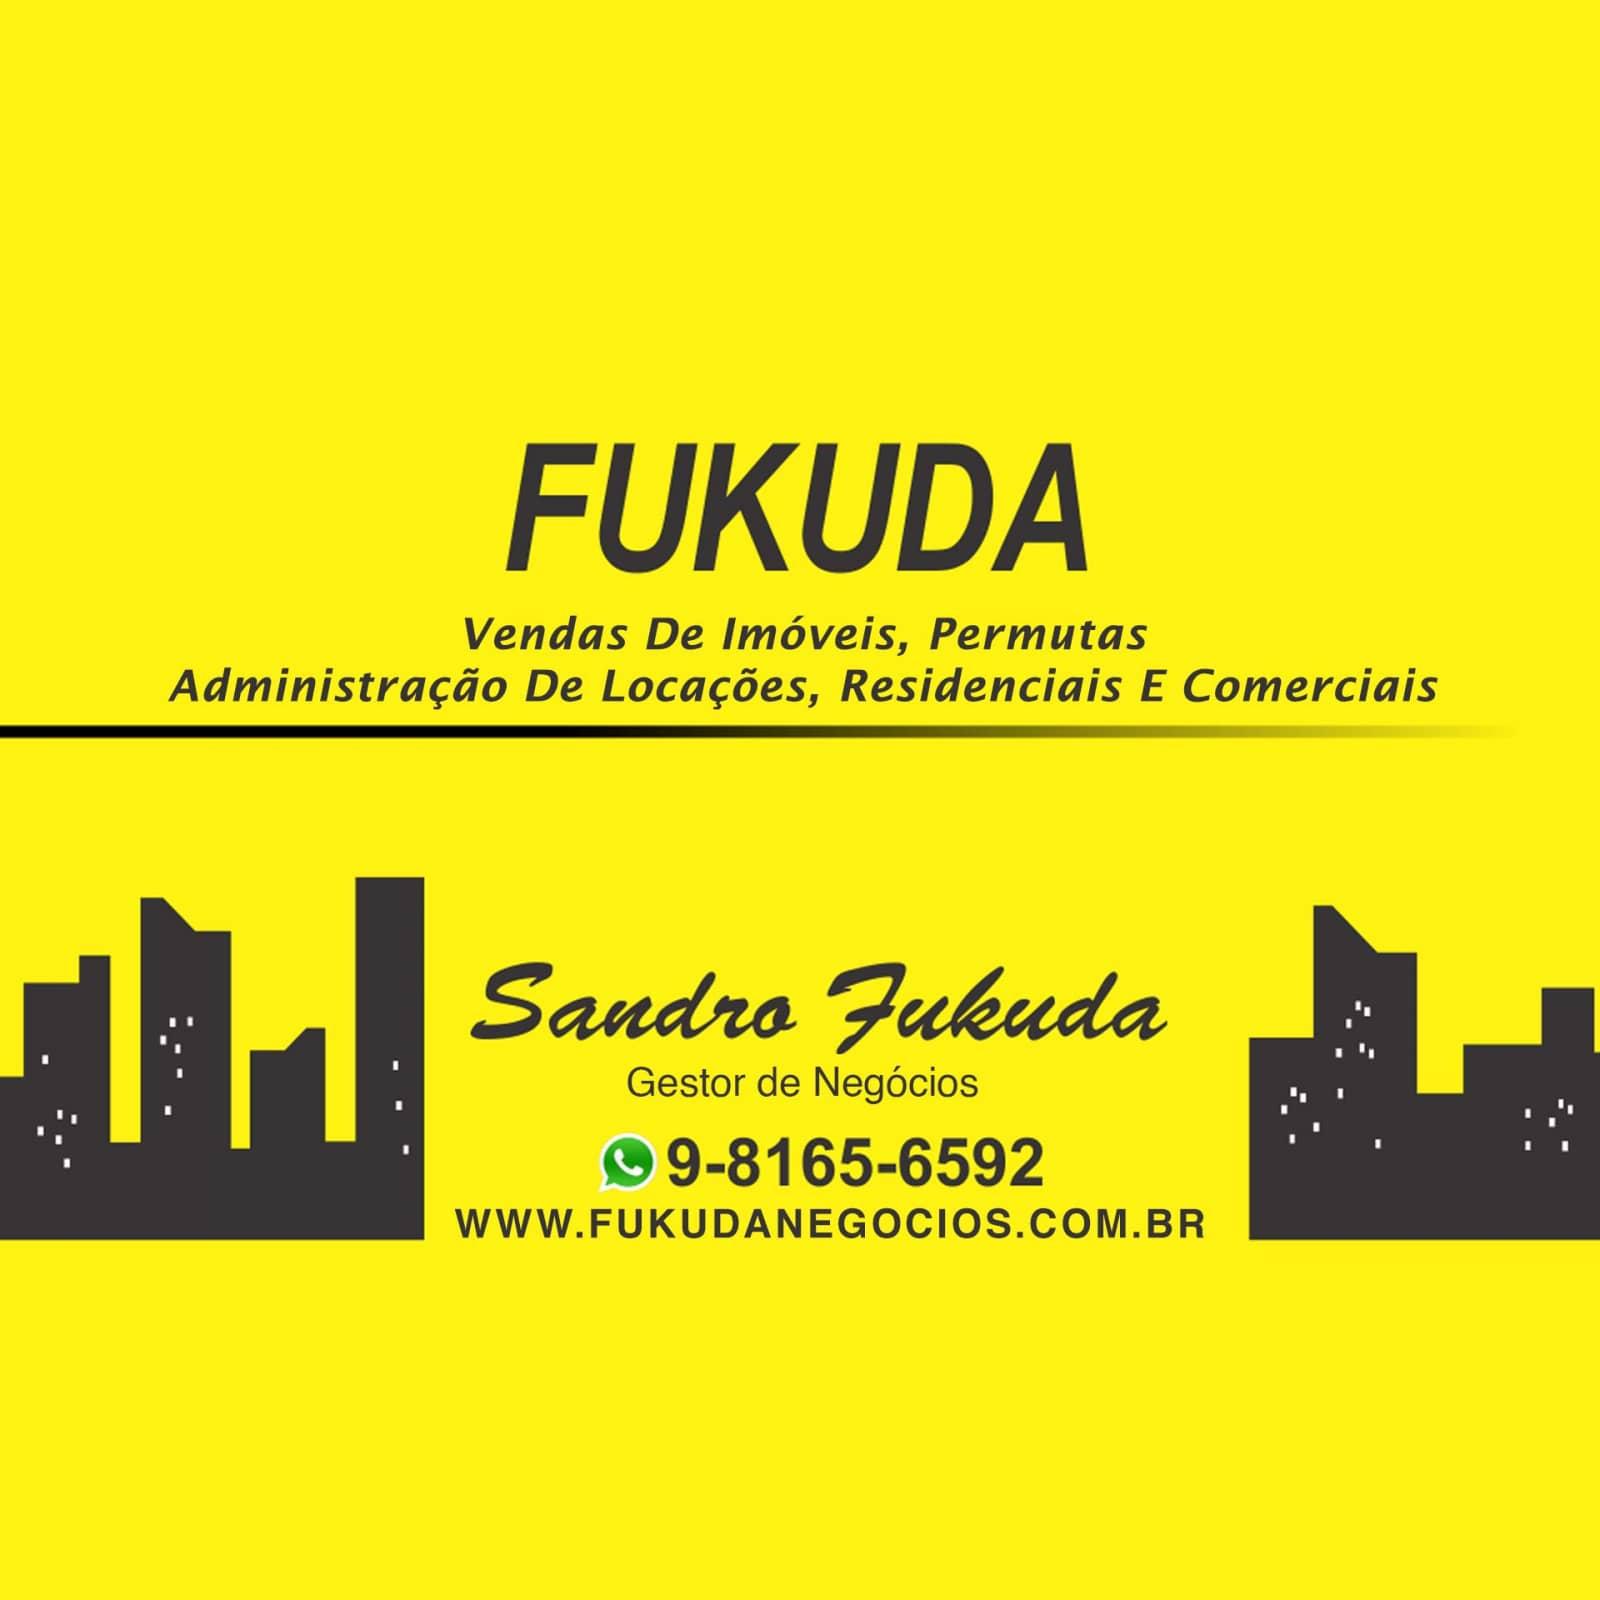 Fukuda negócios gestor imobiliário